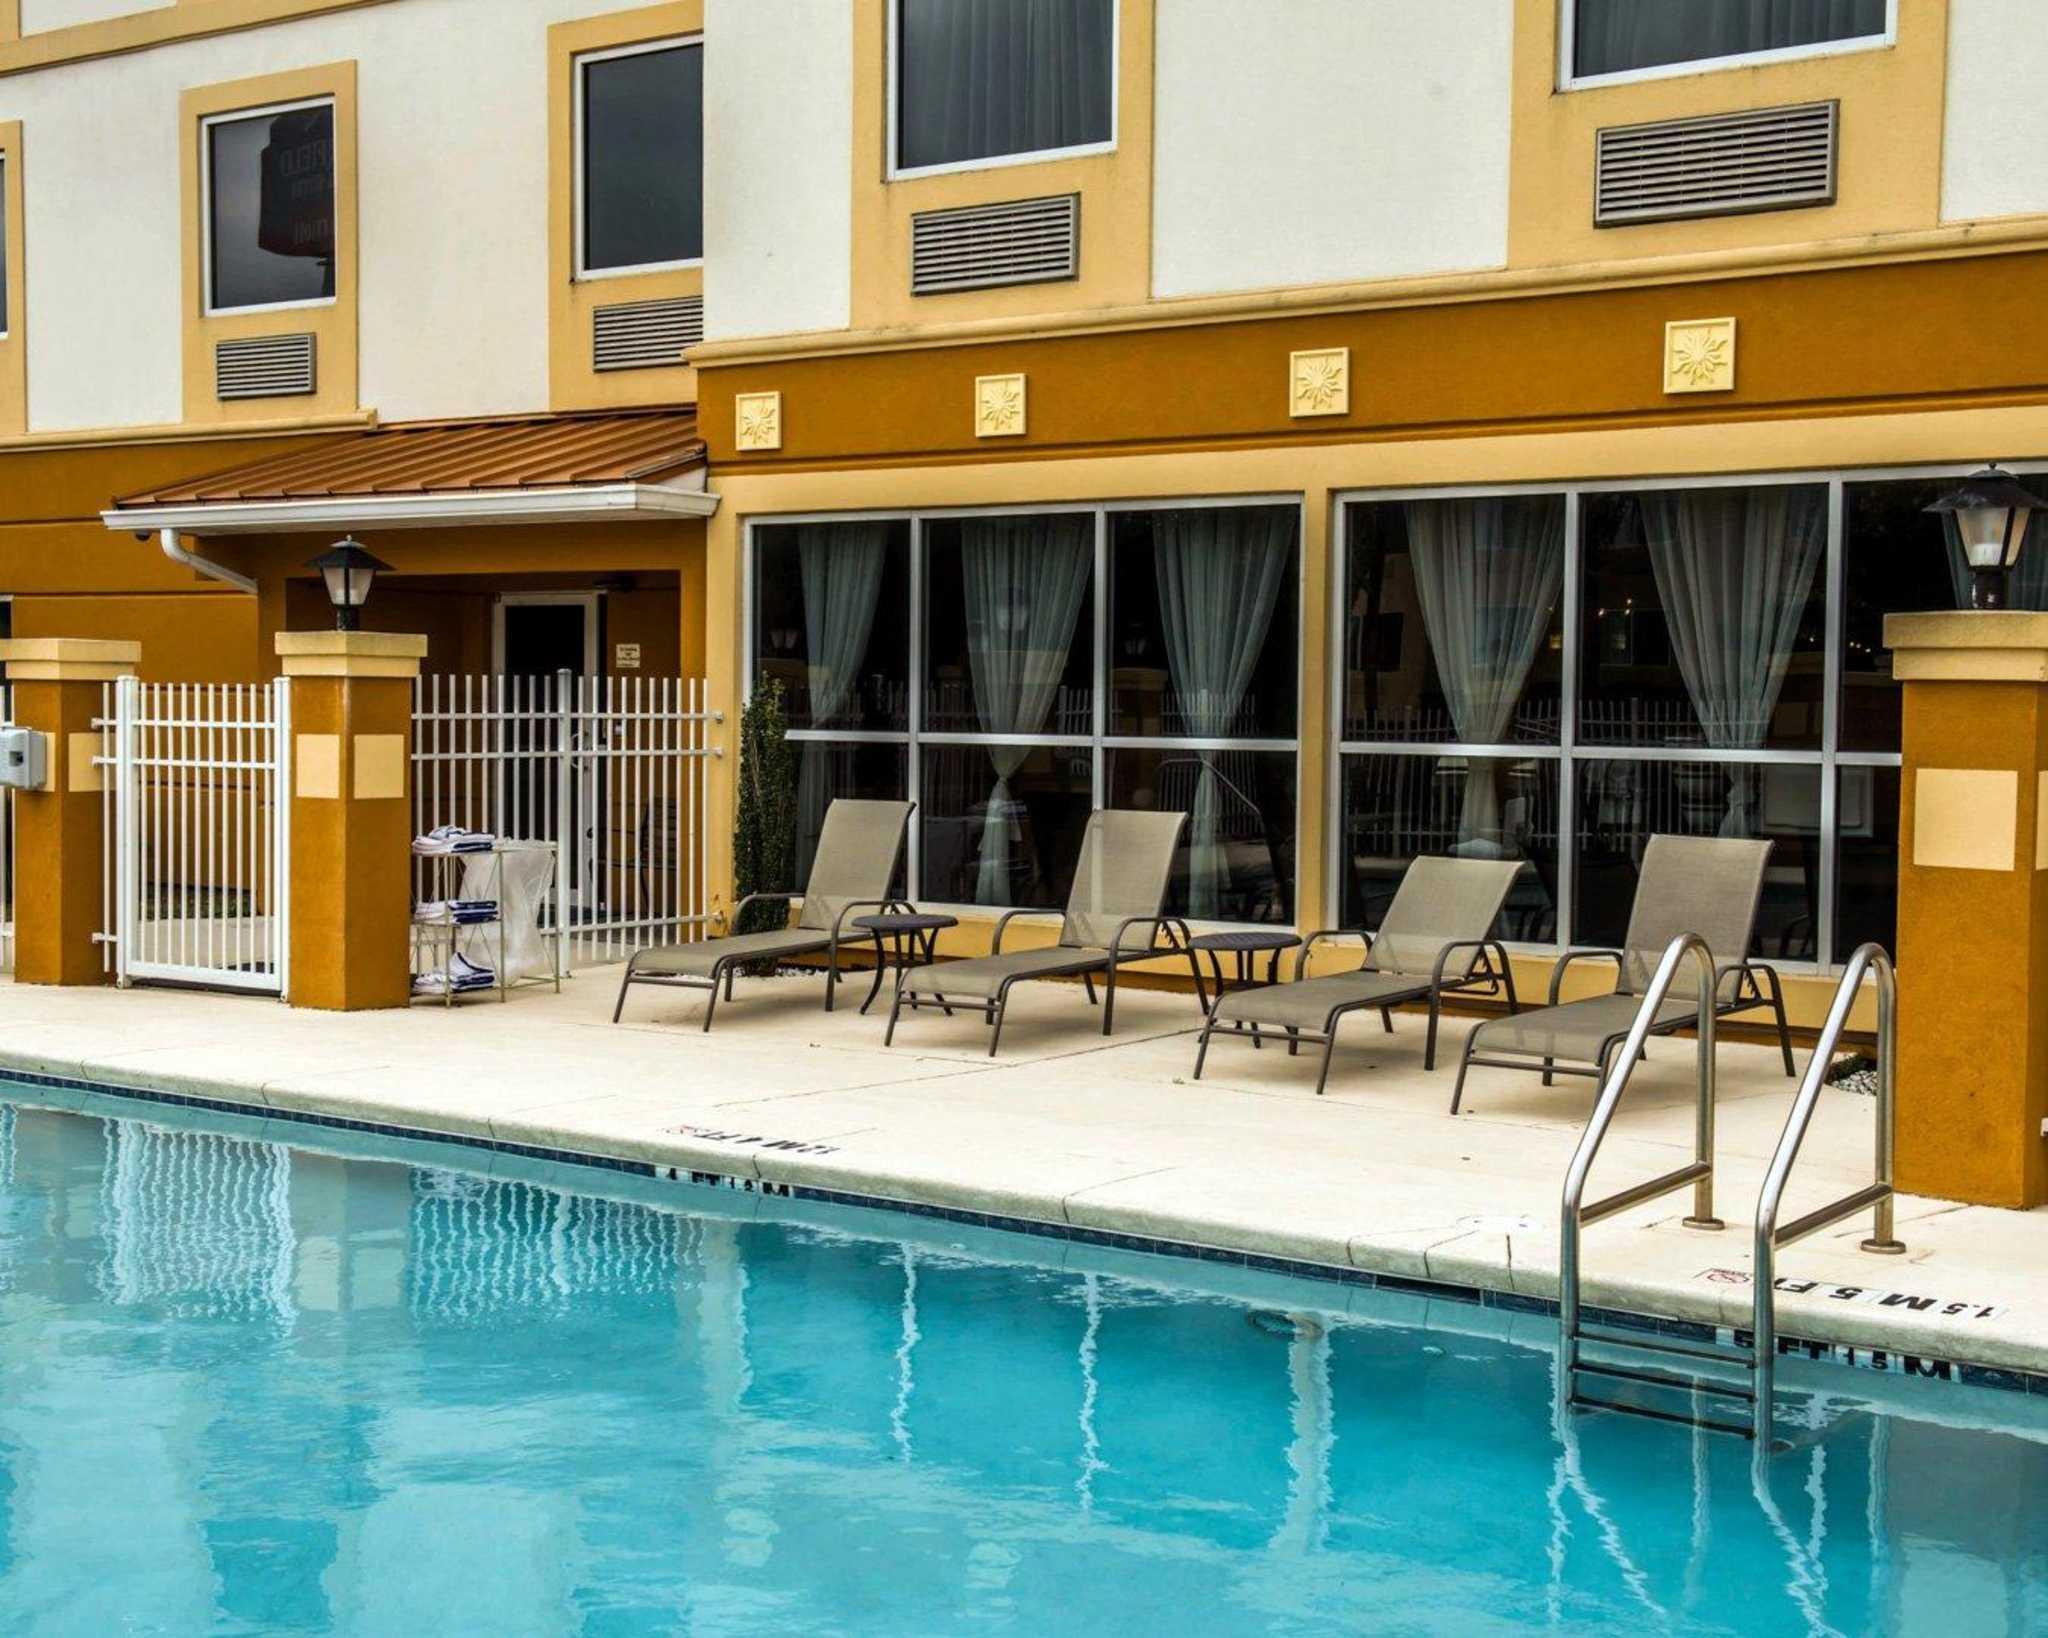 Comfort Inn & Suites Marianna I-10 image 19